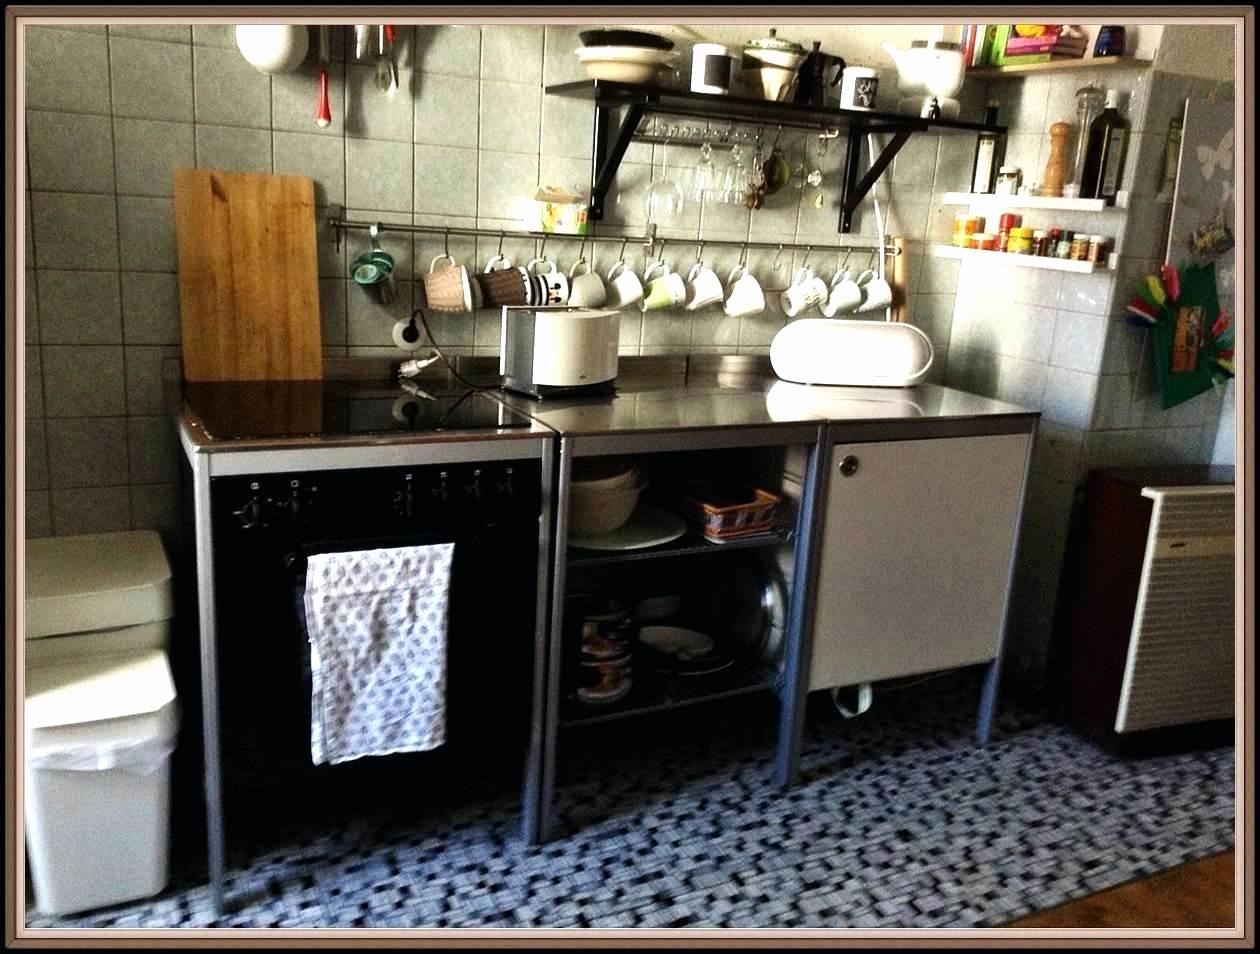 Full Size of Ikea Landhausküche Grau Ebay Kueche Vaerde Limhamn Wandregal Edelstahl 60x20 Sofa Mit Schlaffunktion Betten Bei Stoff Küche Kosten Hochglanz 160x200 Big Wohnzimmer Ikea Landhausküche Grau